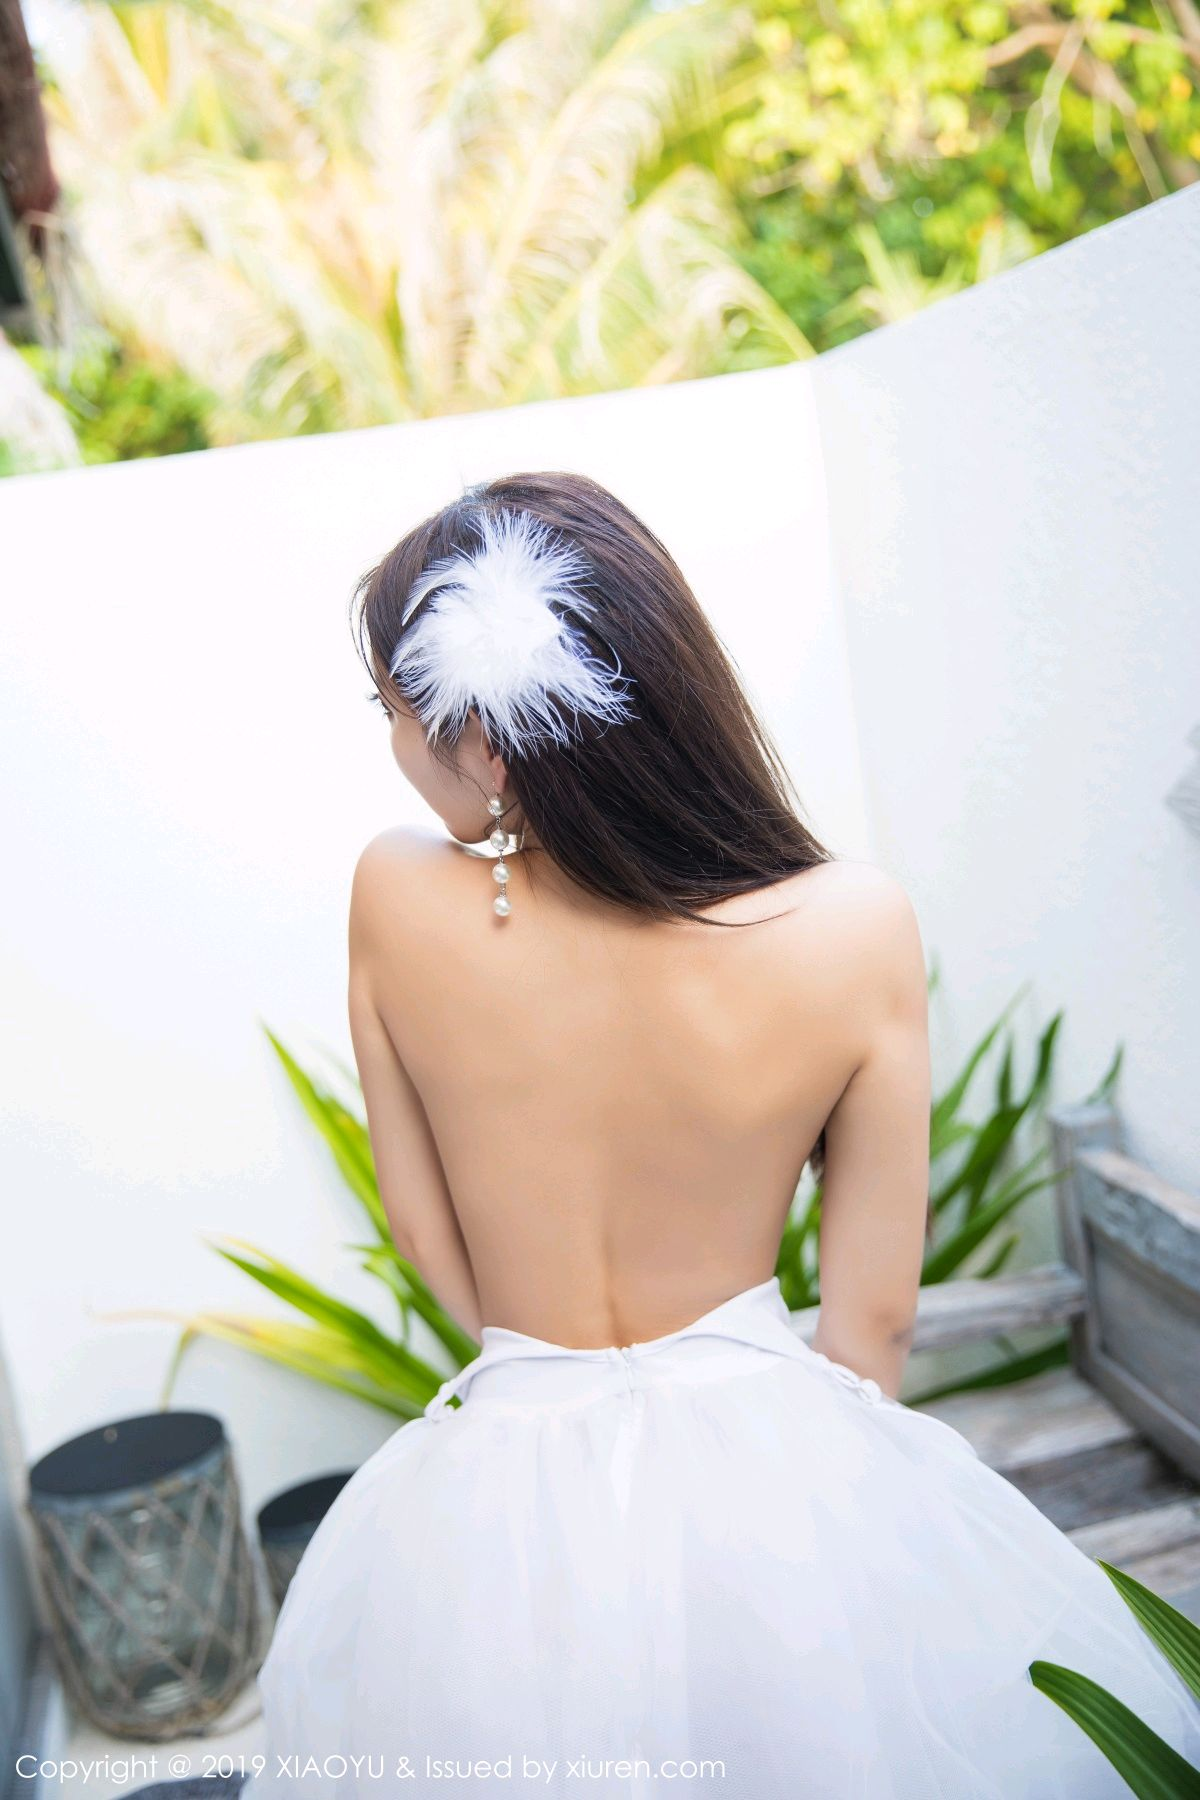 [XiaoYu] Vol.099 Yang Chen Chen 54P, Underwear, XiaoYu, Yang Chen Chen